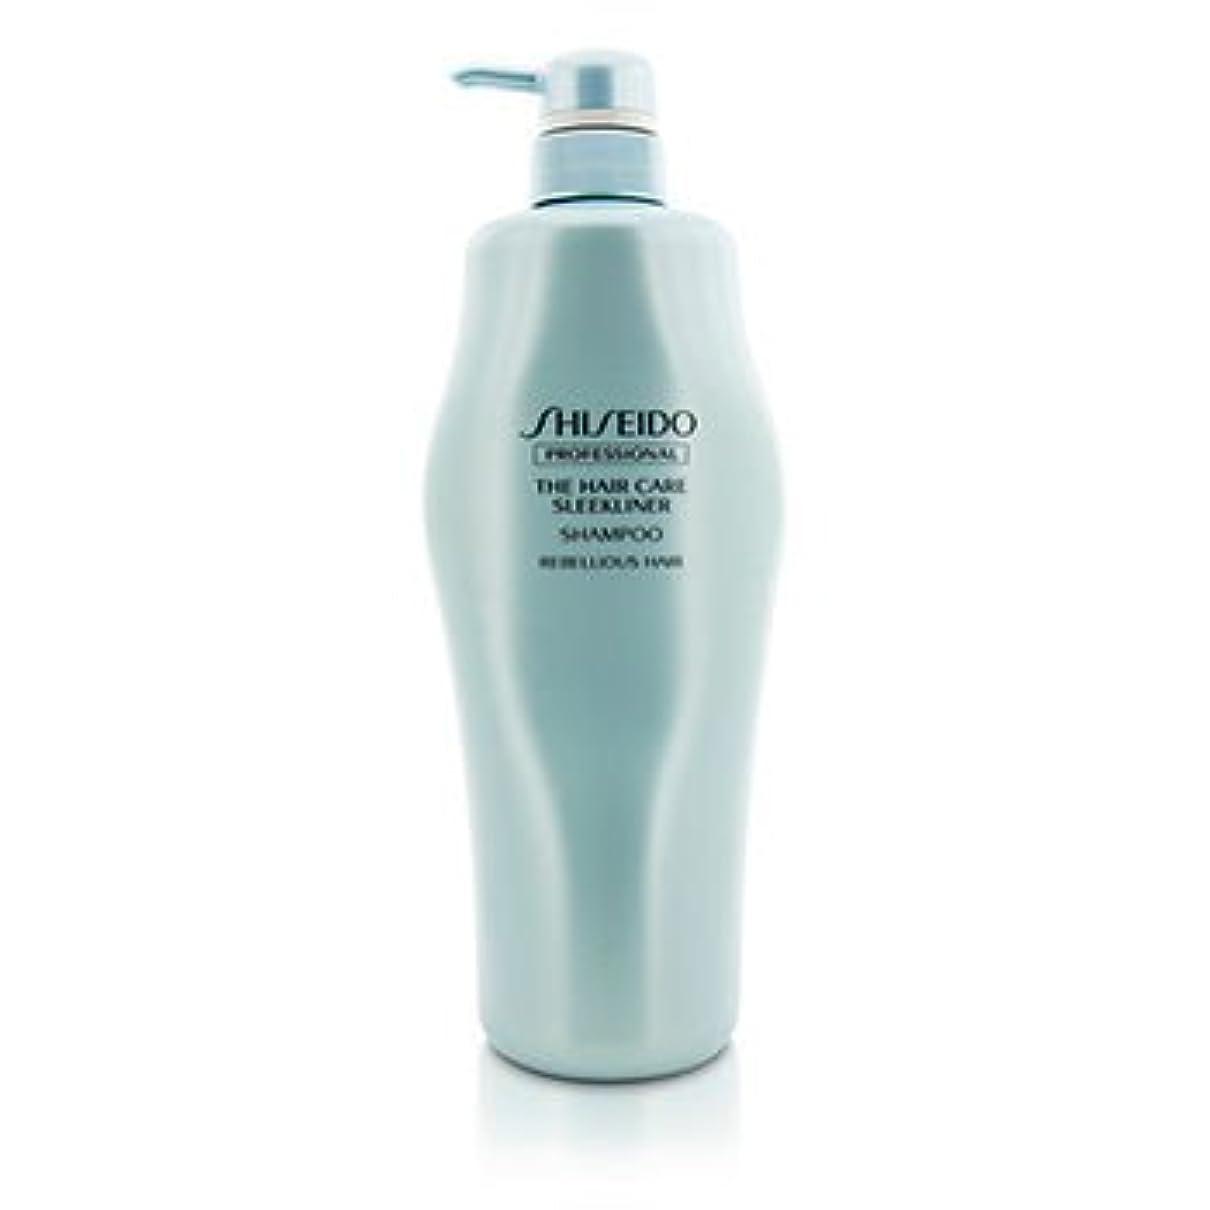 記者権威一人で[Shiseido] The Hair Care Sleekliner Shampoo (Rebellious Hair) 1000ml/33.8oz